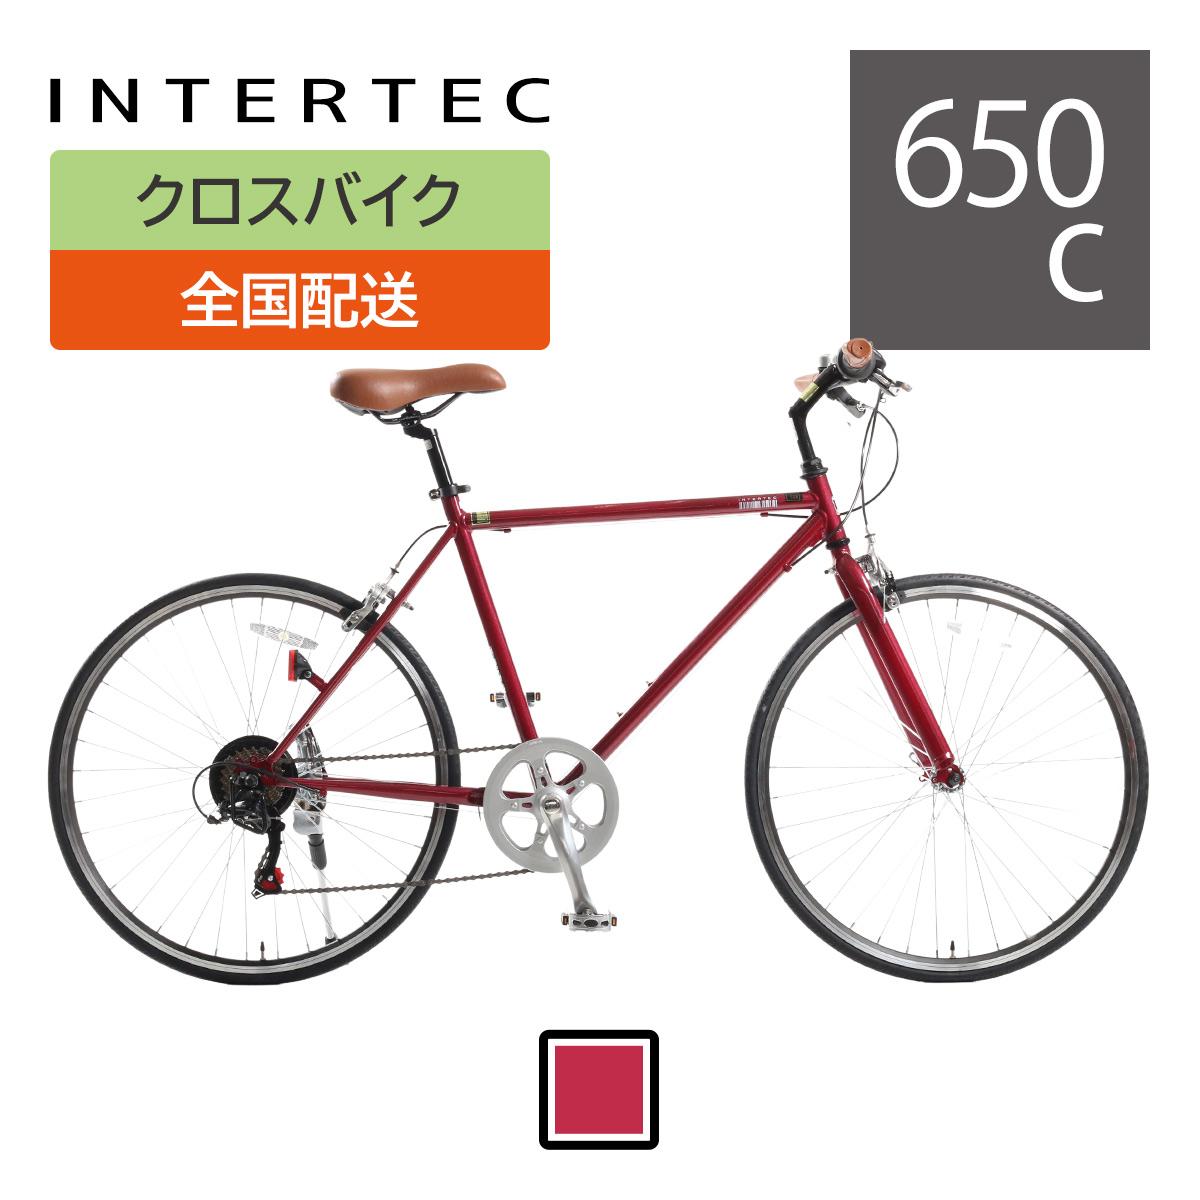 クロスバイク INTER TEC 650×23C 7段変速/グリーン ワイン【中四国・九州送料無料】